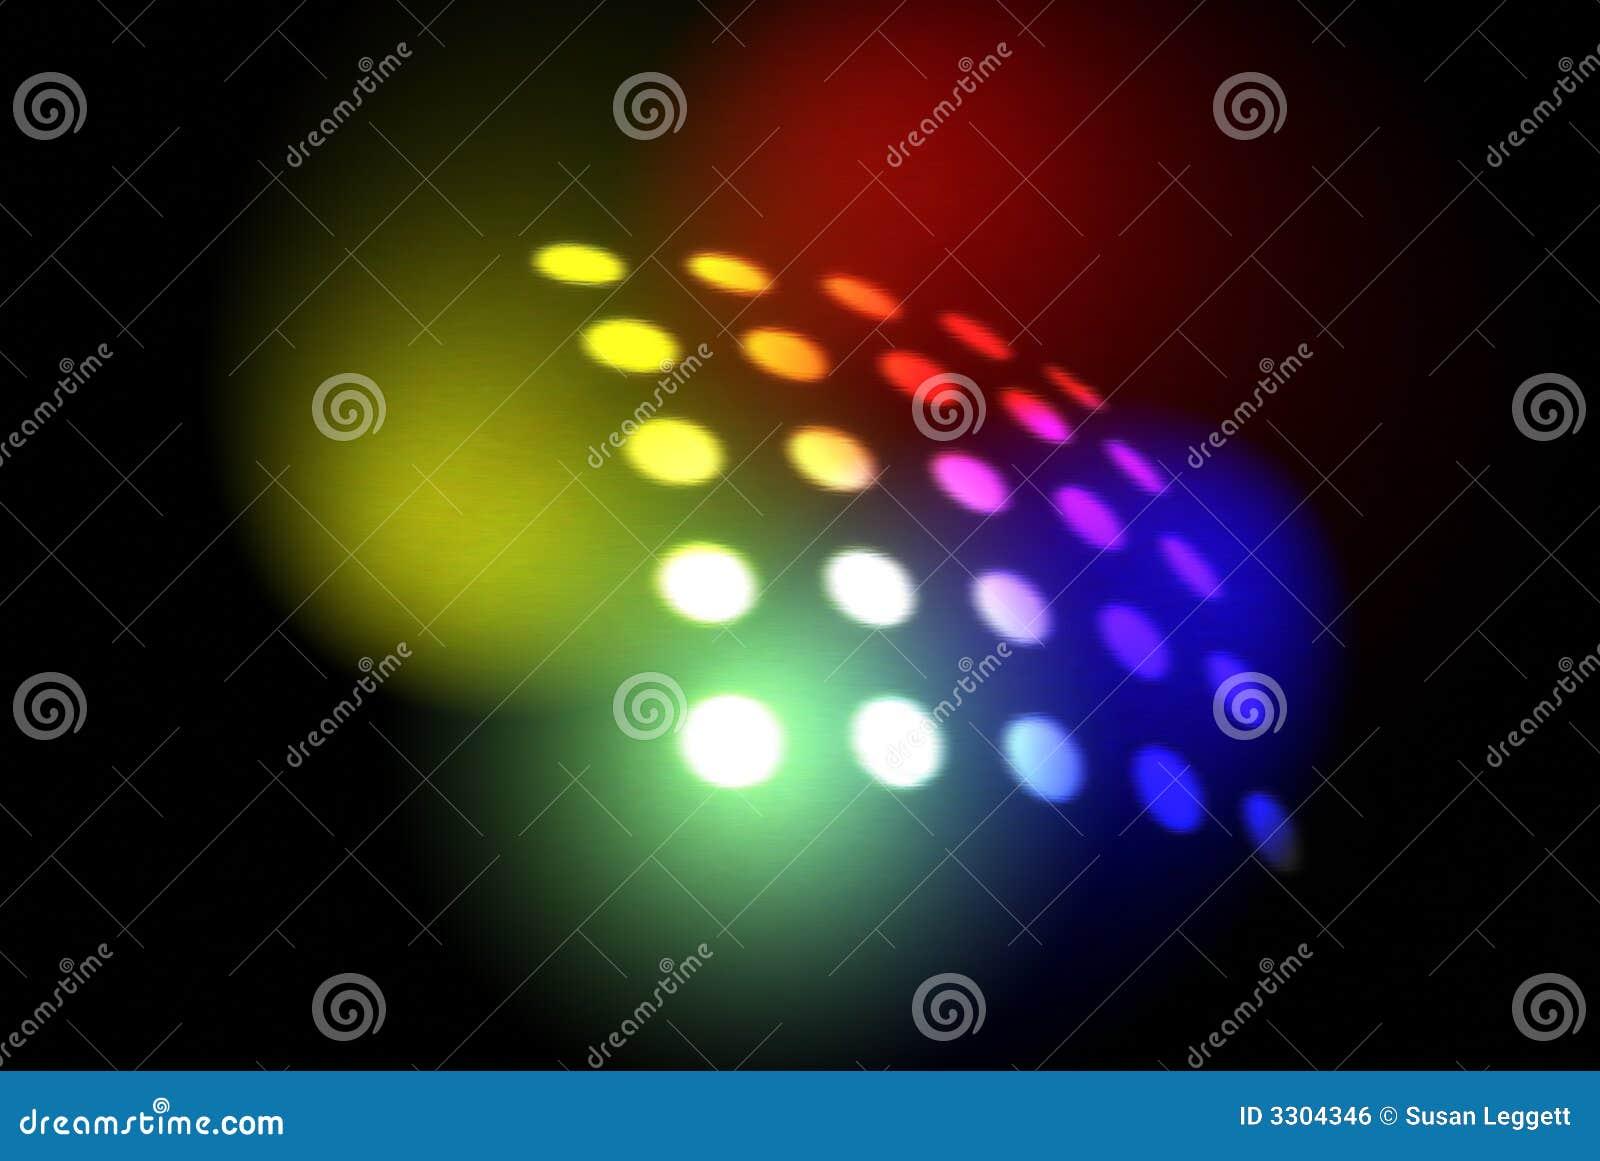 Disco Light/Pop Art